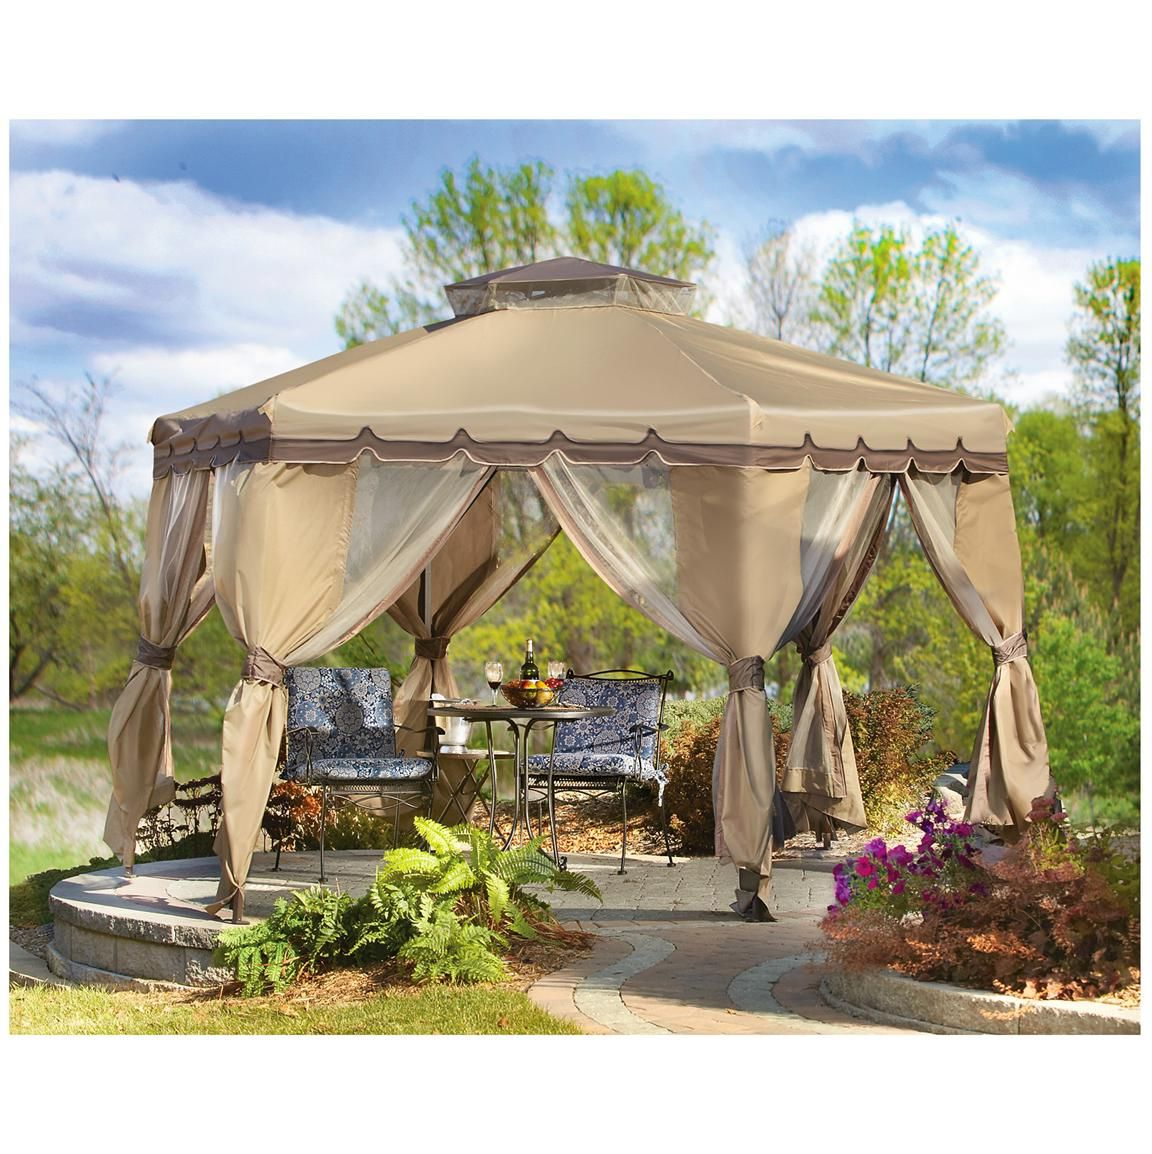 Backyard Appealing Backyard Tents For Backyard Tent Backyard